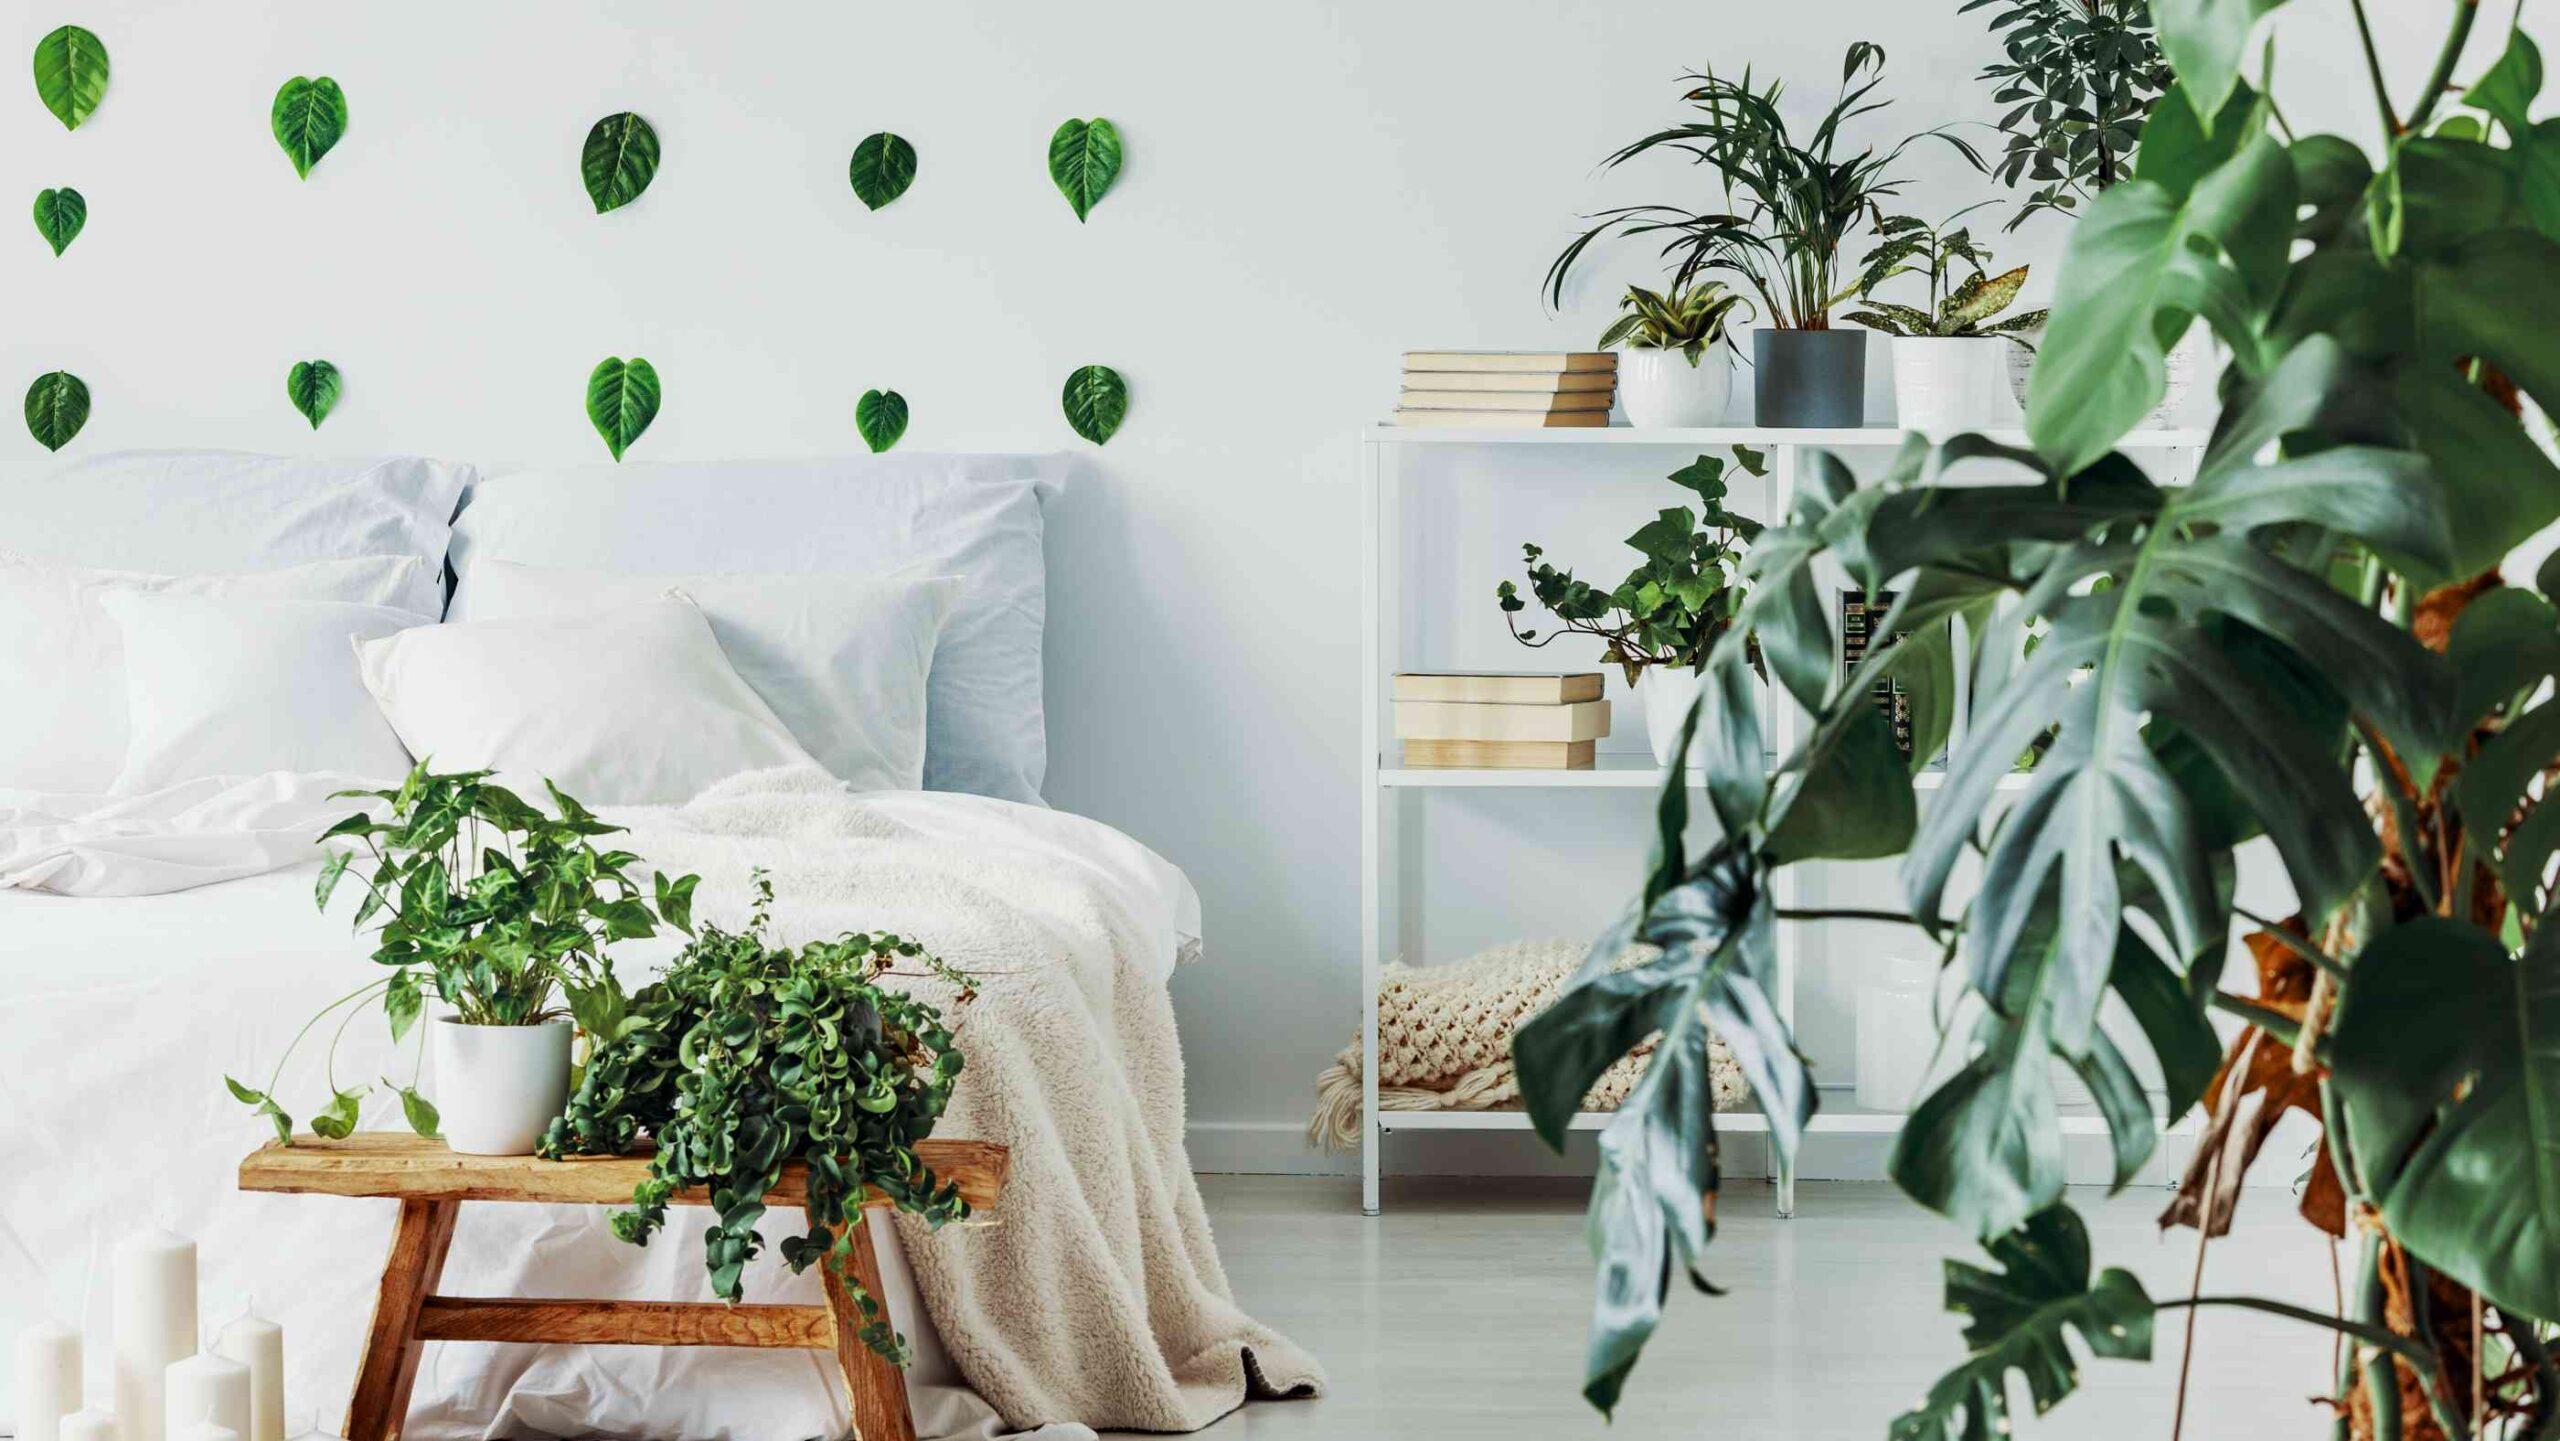 Full Size of Schlafzimmer Tapeten 2020 Wohntrend Urban Jungle So Bringt Ihr Tropenflair In Eure Wohnung Komplette Schimmel Im Fototapeten Wohnzimmer Schranksysteme Komplett Wohnzimmer Schlafzimmer Tapeten 2020